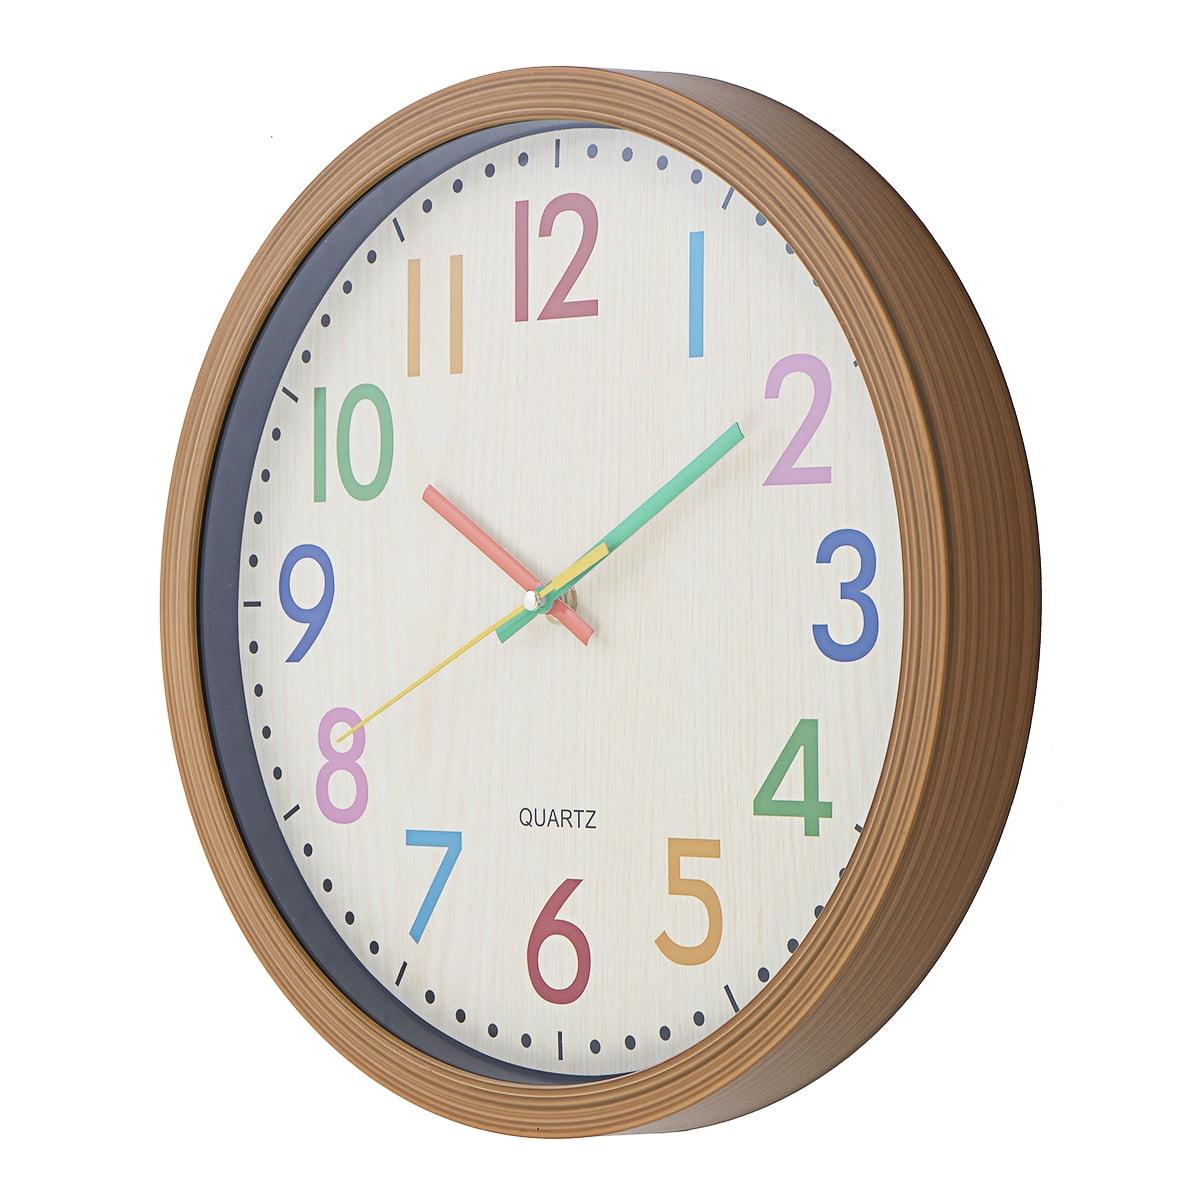 12 Silent Wall Clock Non Ticking Decor